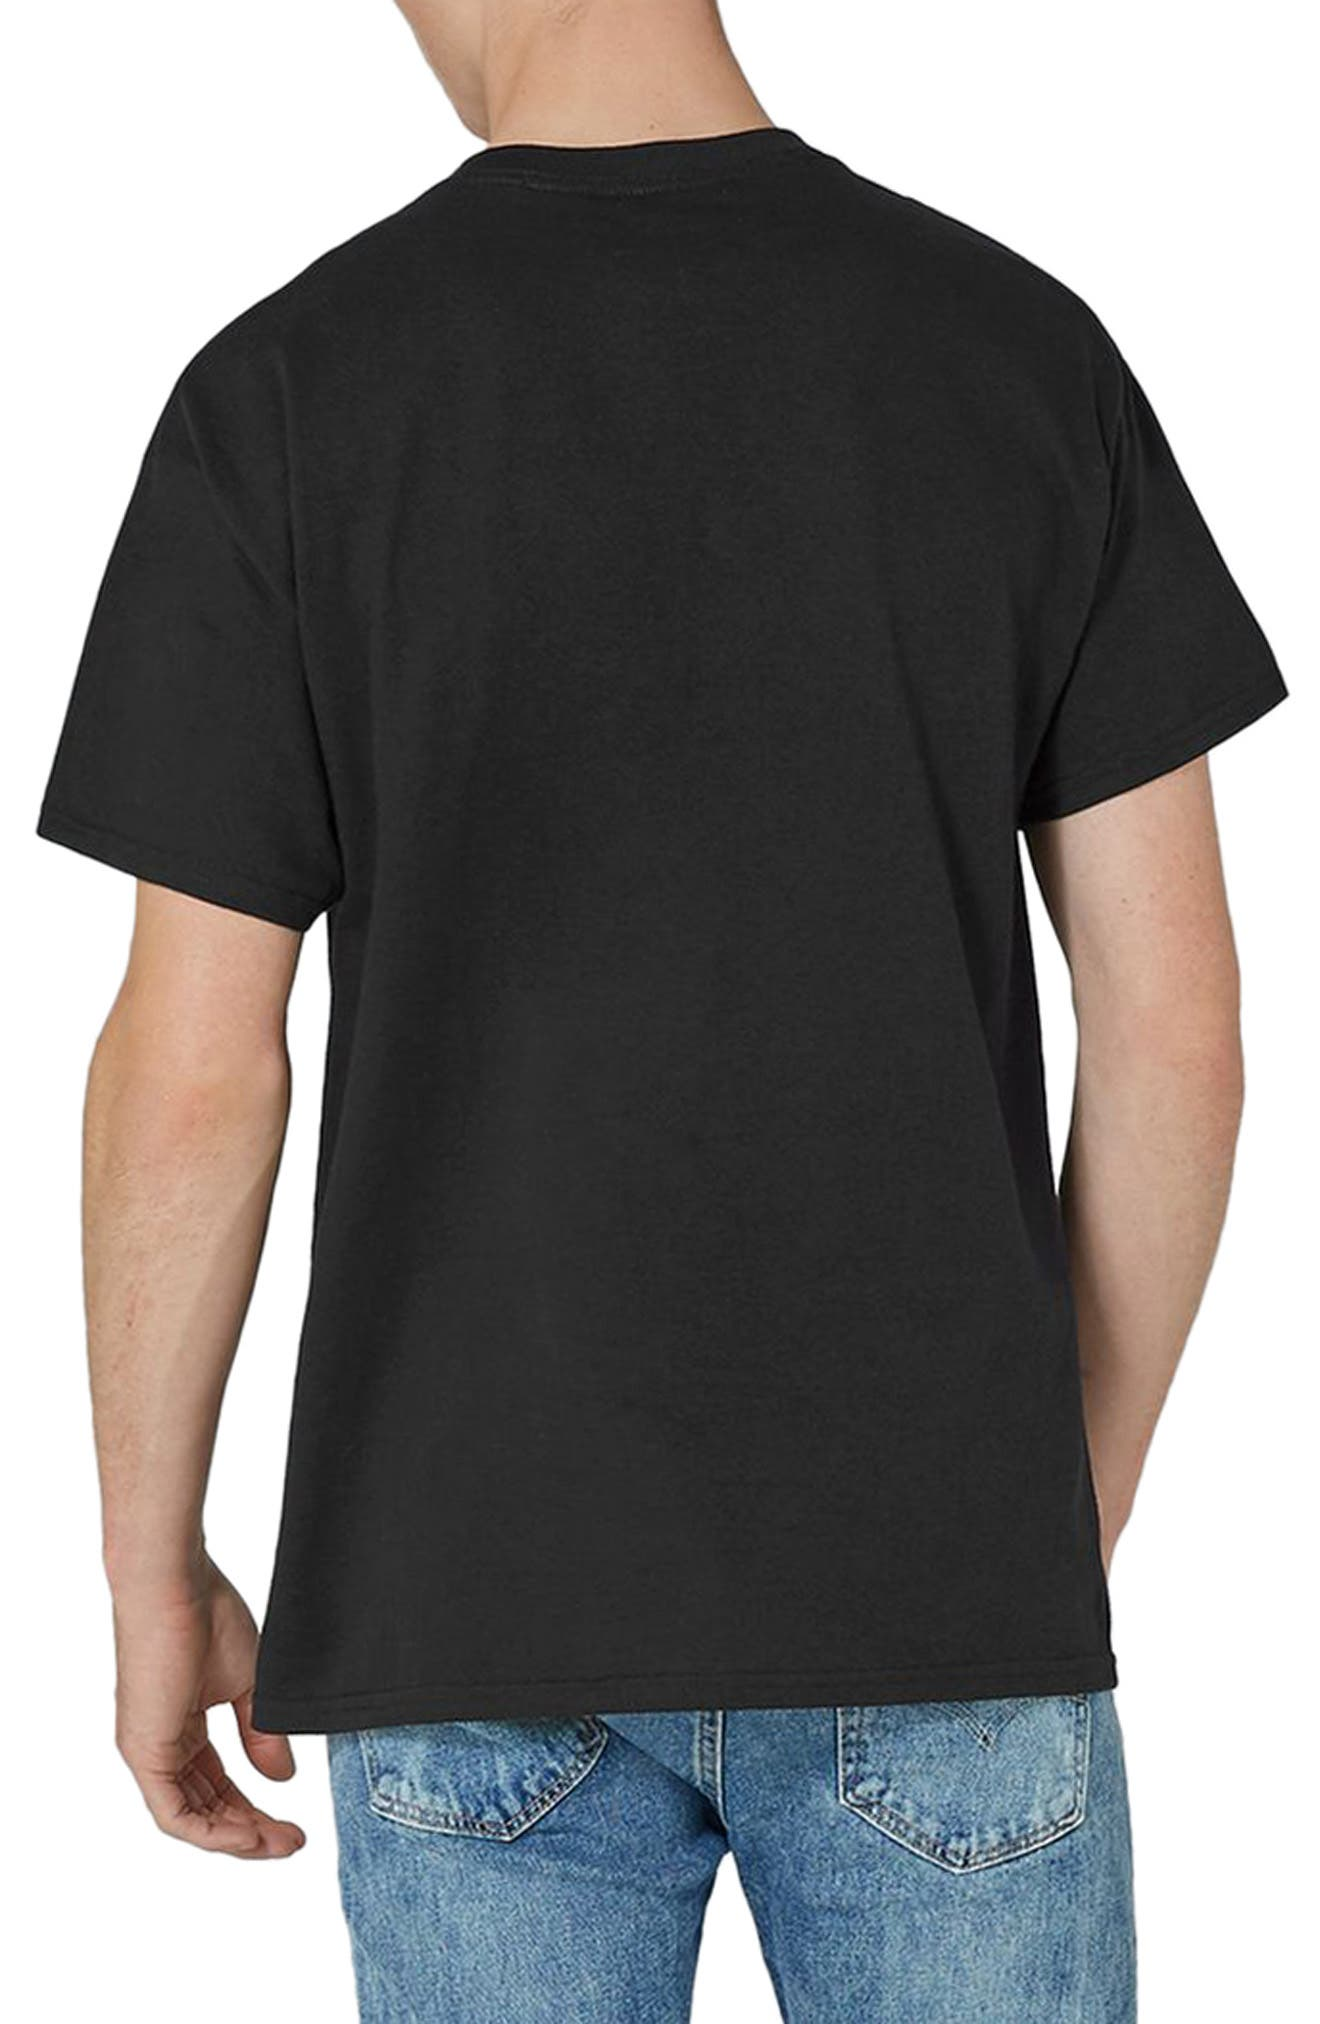 David Bowie Graphic T-Shirt,                             Alternate thumbnail 2, color,                             Black Multi